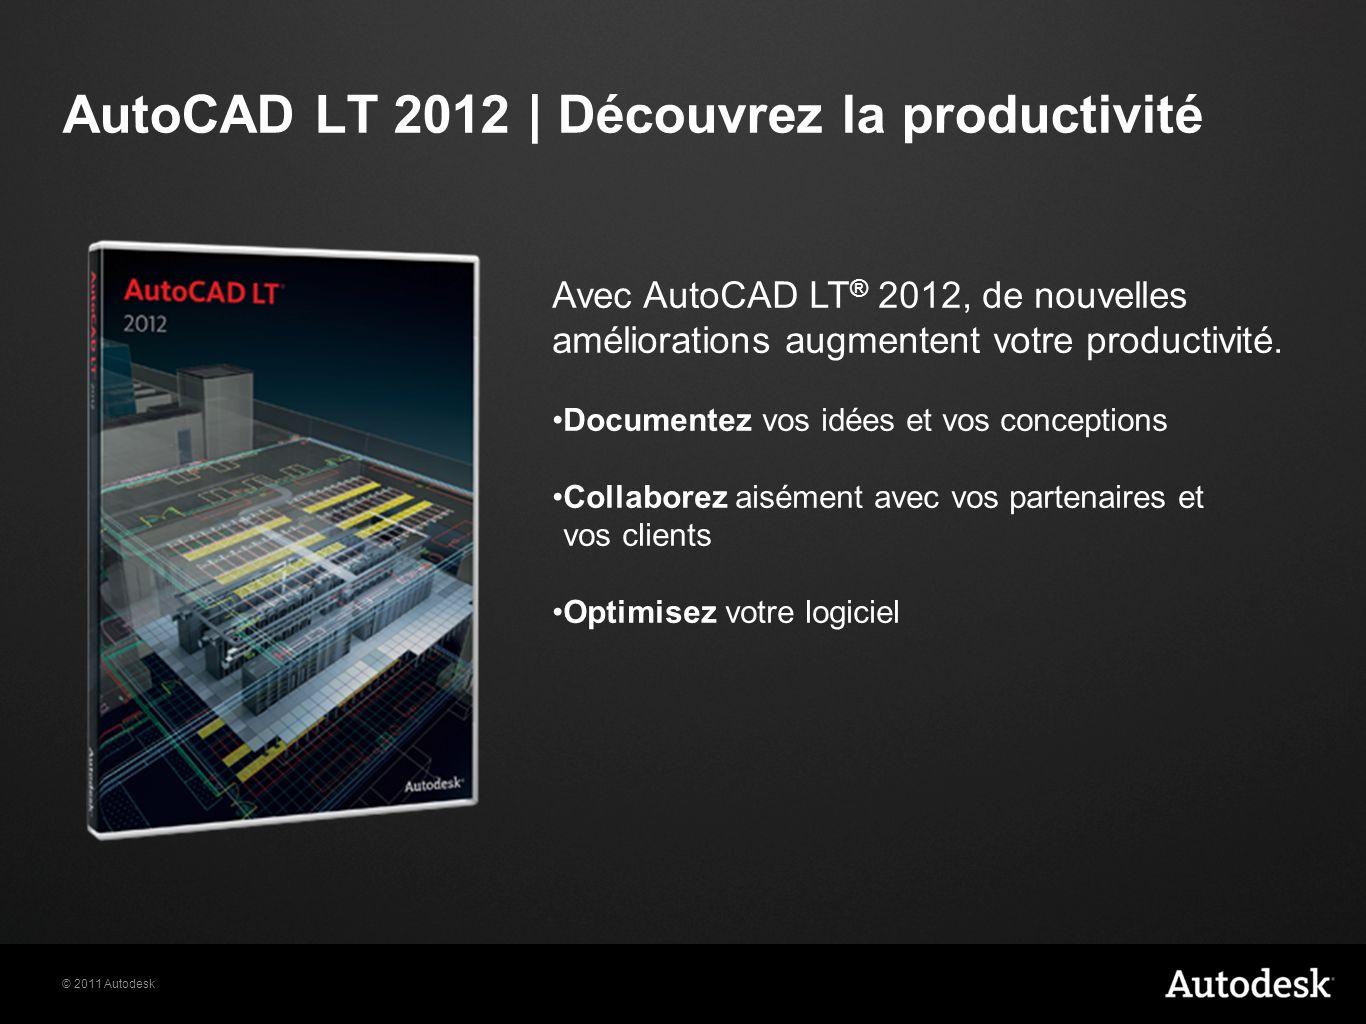 © 2011 Autodesk AutoCAD LT 2012 | Découvrez la productivité Avec AutoCAD LT ® 2012, de nouvelles améliorations augmentent votre productivité. Document